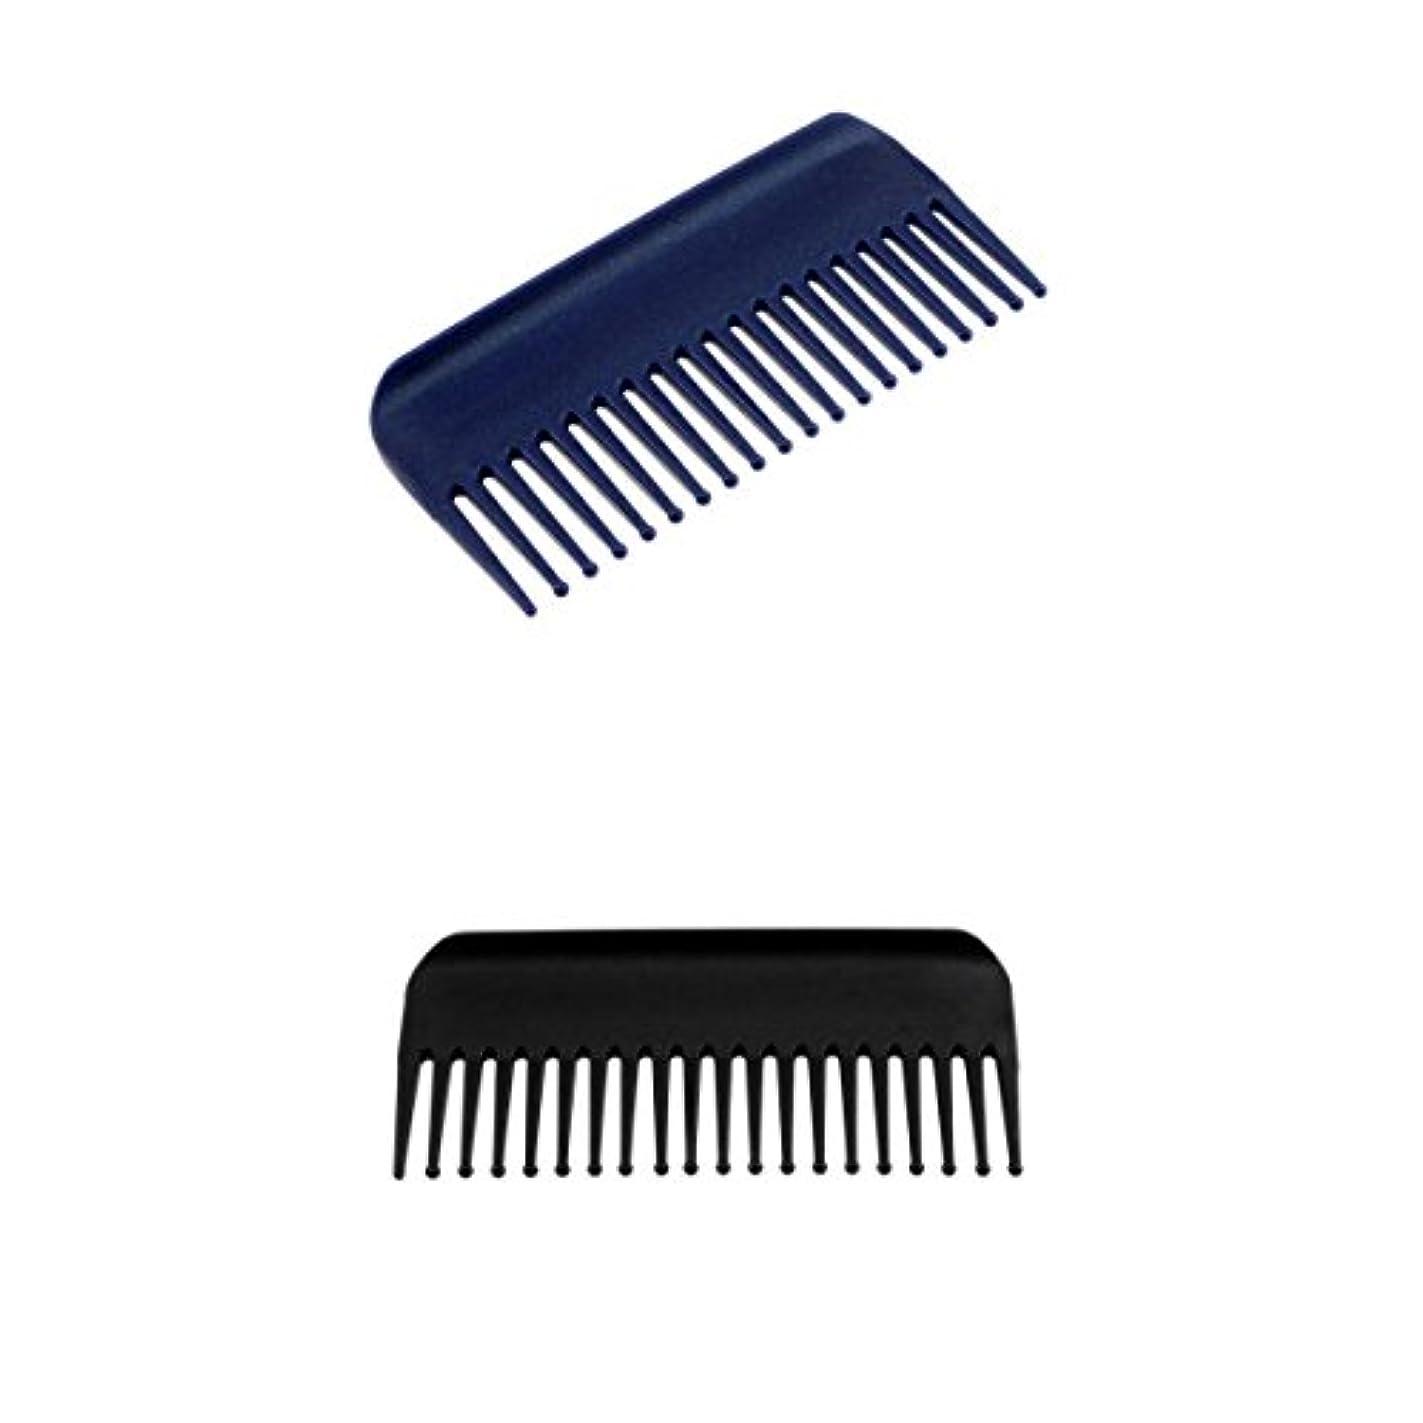 結晶灰友情2個19歯解くこと髪くしヘアコンディショニングレーキくしワイド歯ヘアブラシサロン理容ツール